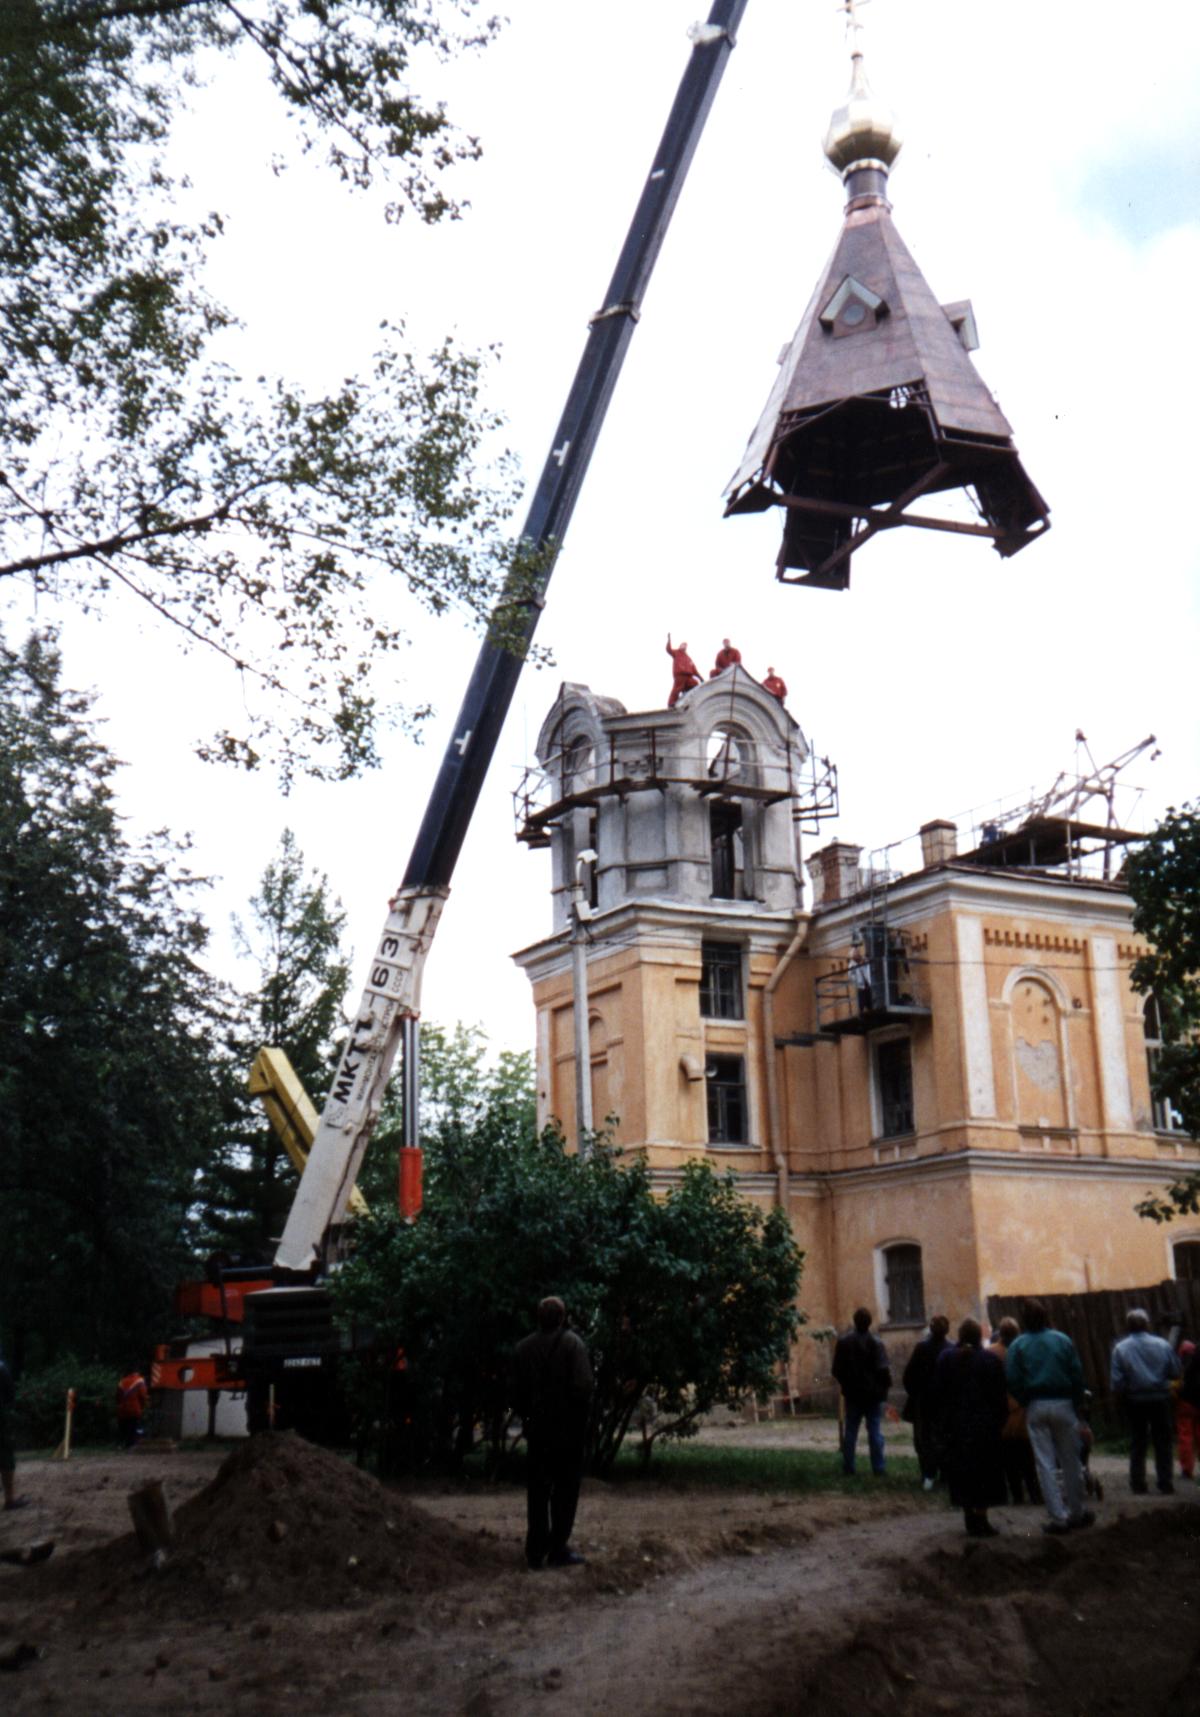 Церковь в городе Колпино. подъем купола. Севзапстальконструкция. строительство.